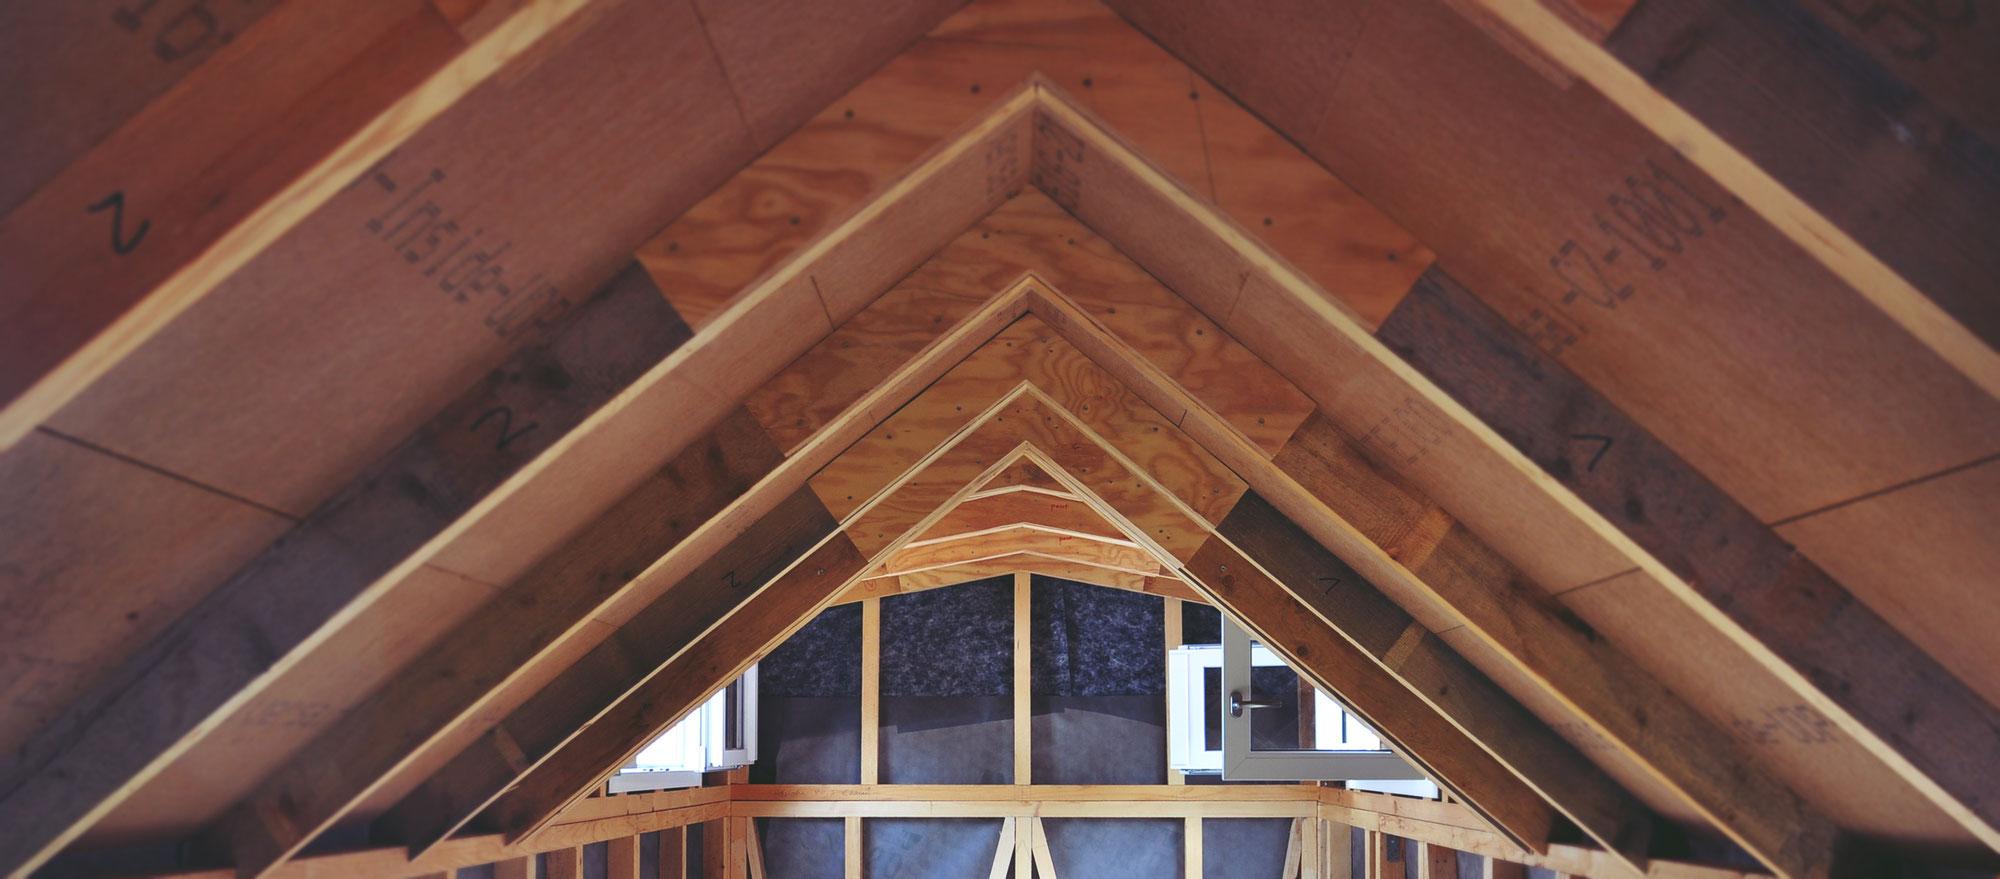 komposttoilette folgt tiny house projekt schweiz. Black Bedroom Furniture Sets. Home Design Ideas